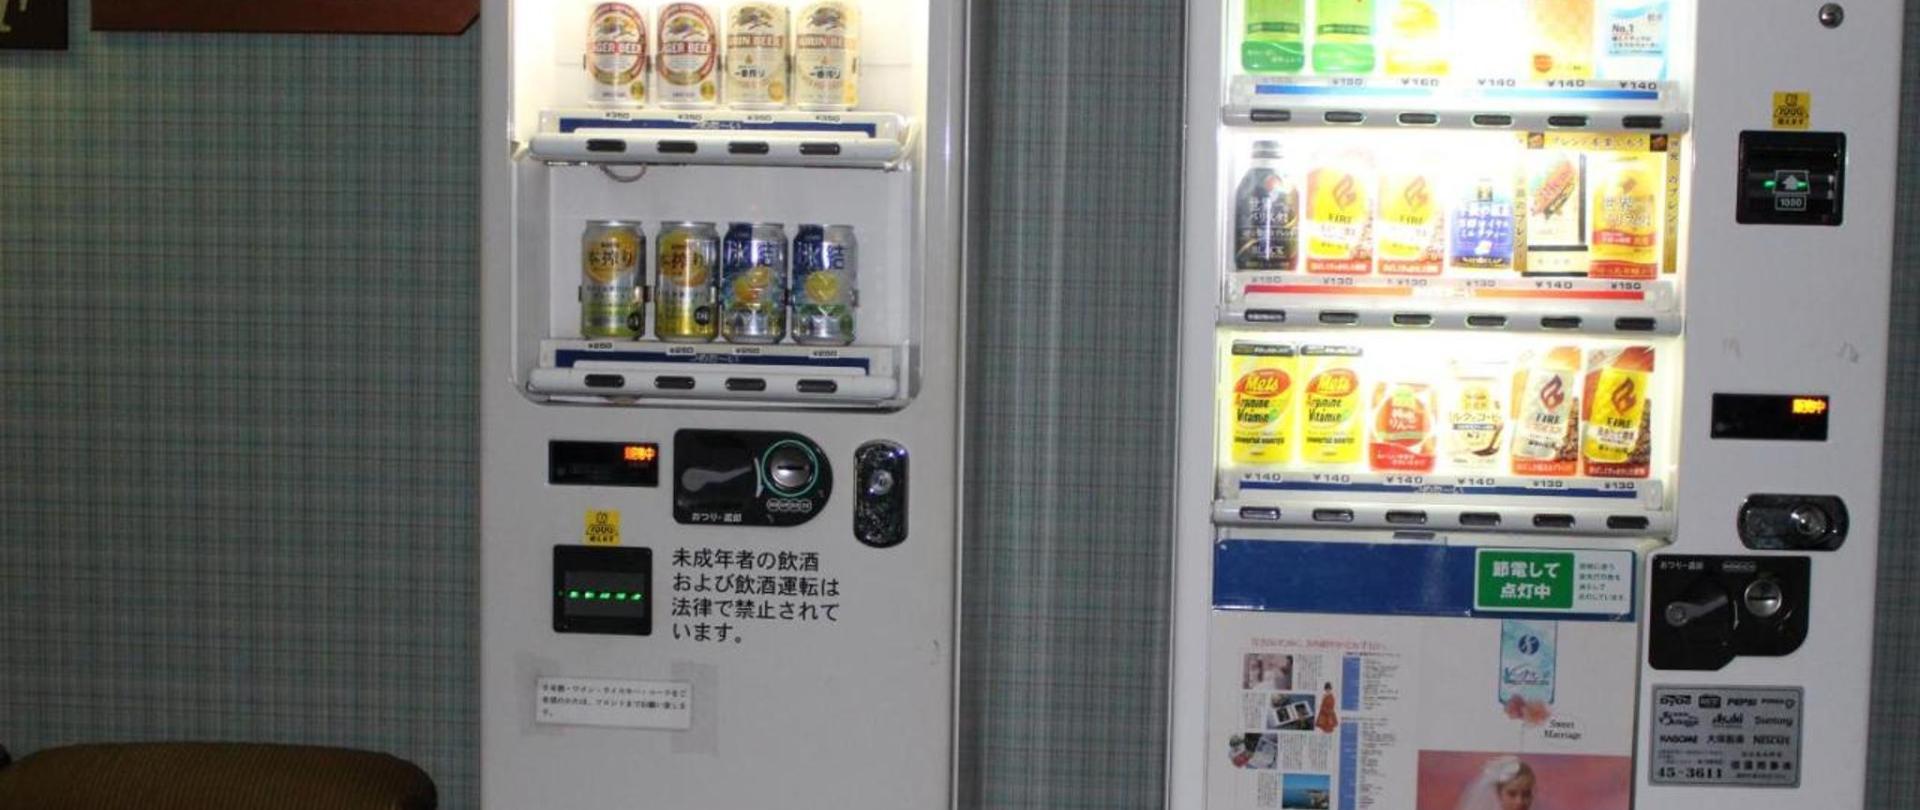 โรงแรม Seagrande Shimizu Station